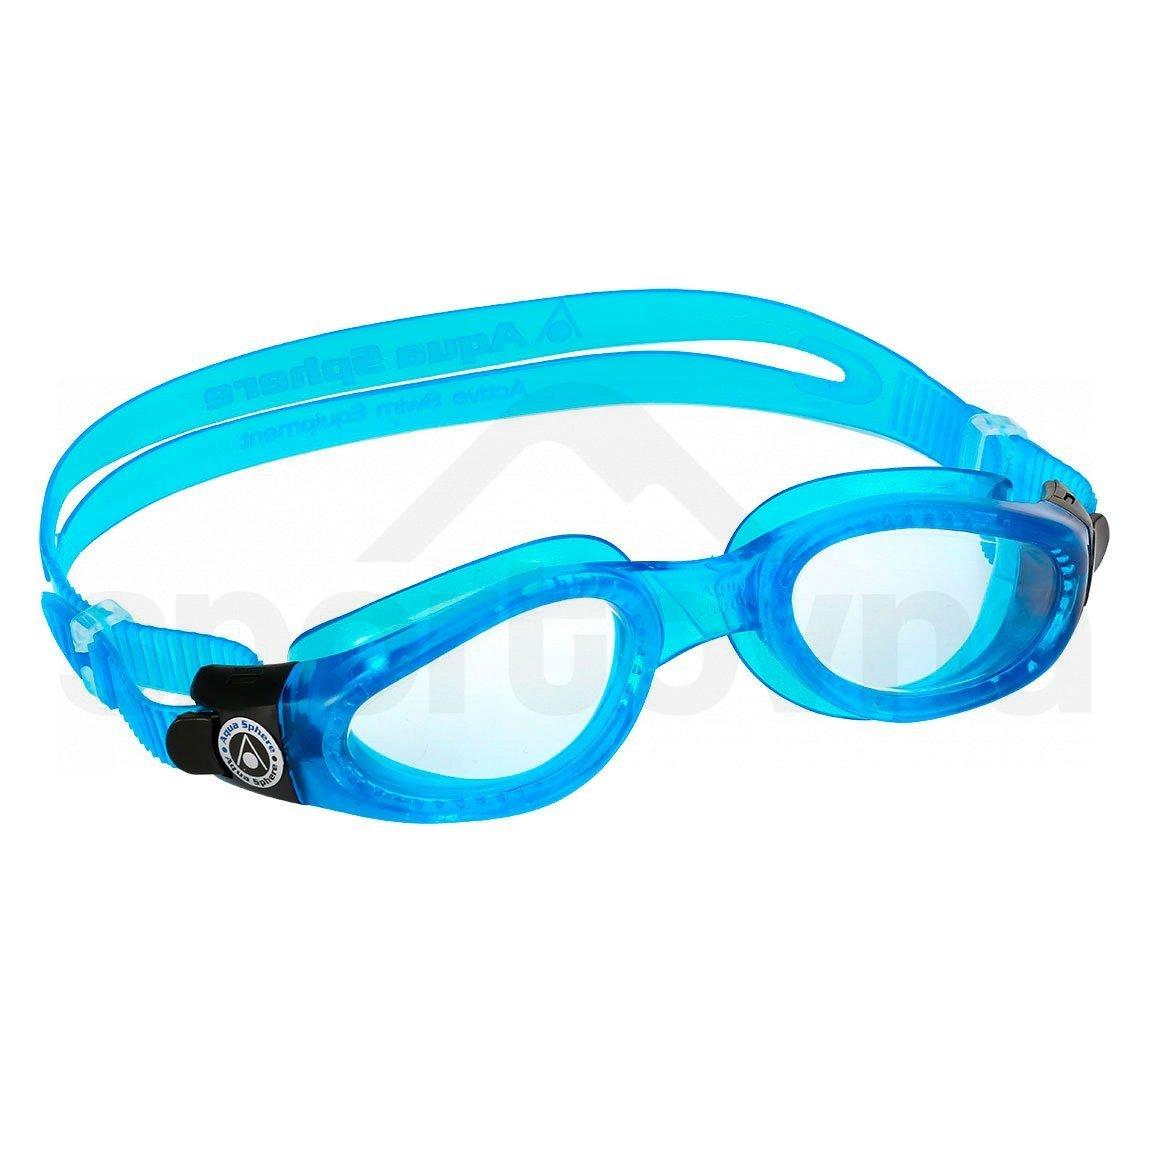 Kaiman_171000_Clear_Blue_1_1440x_5090d4bf-debc-49ac-b681-6a3f40ac8da3